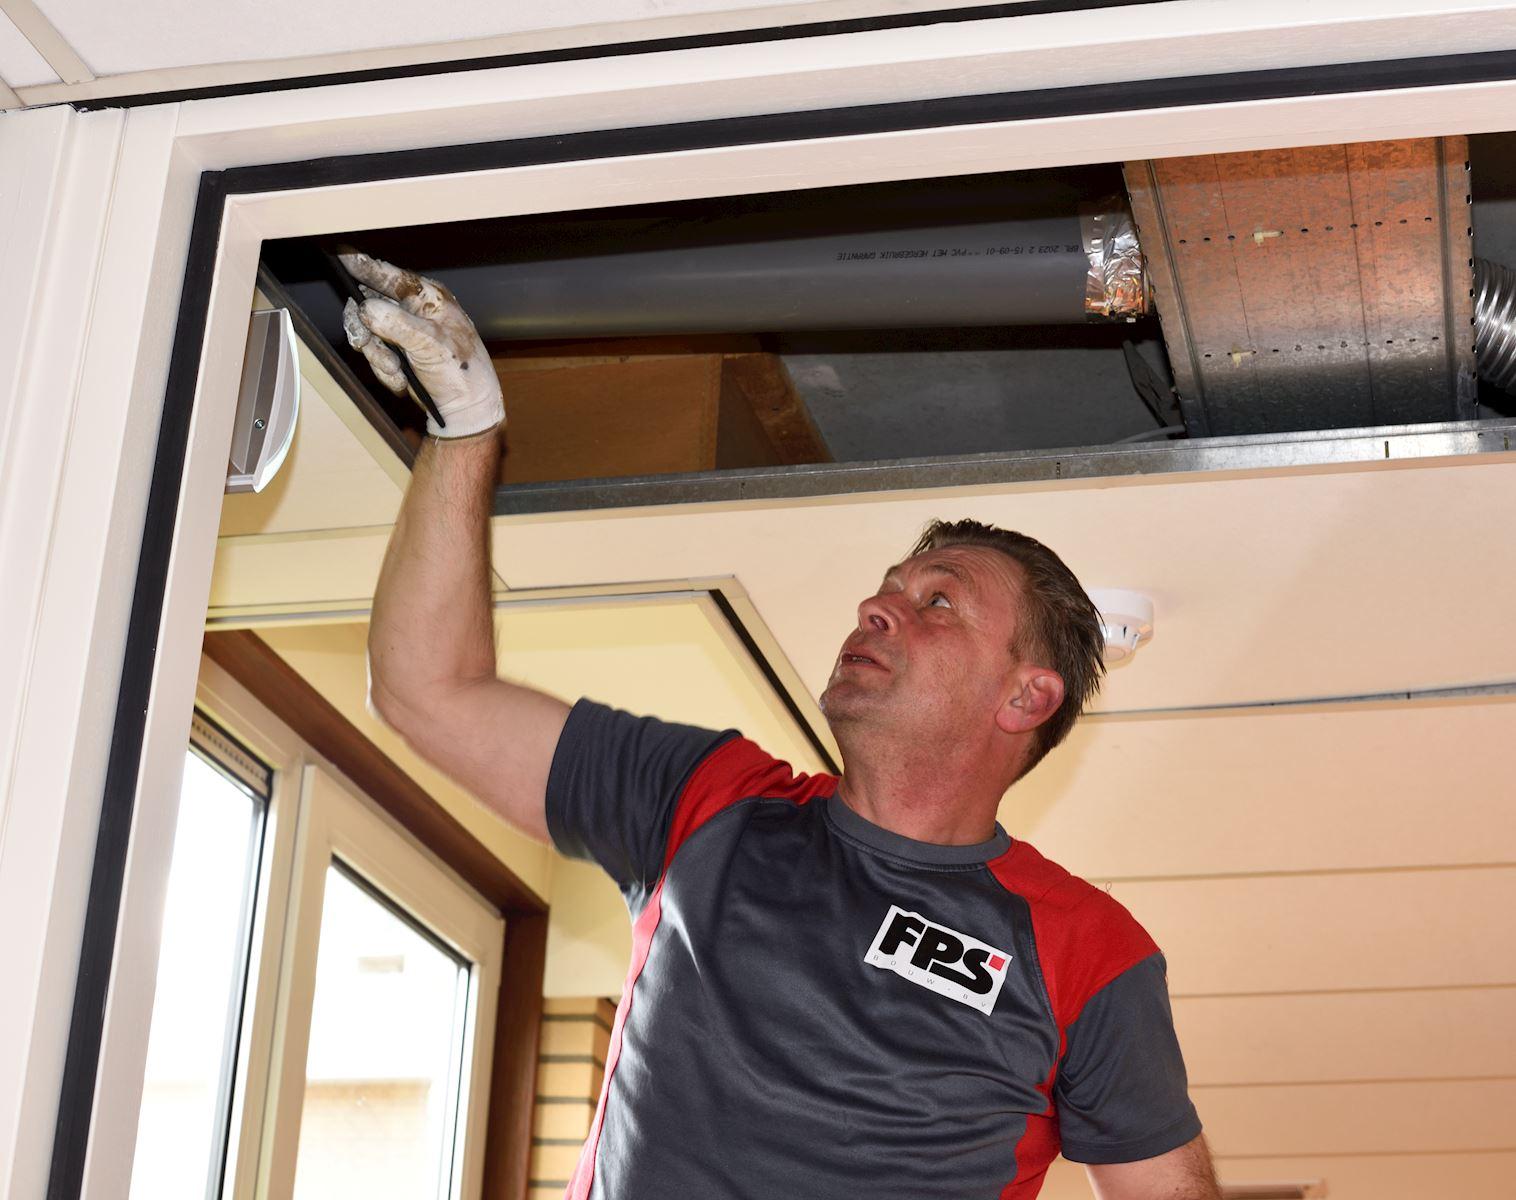 Afwerken boven plafond 210423 093414 DSC3603